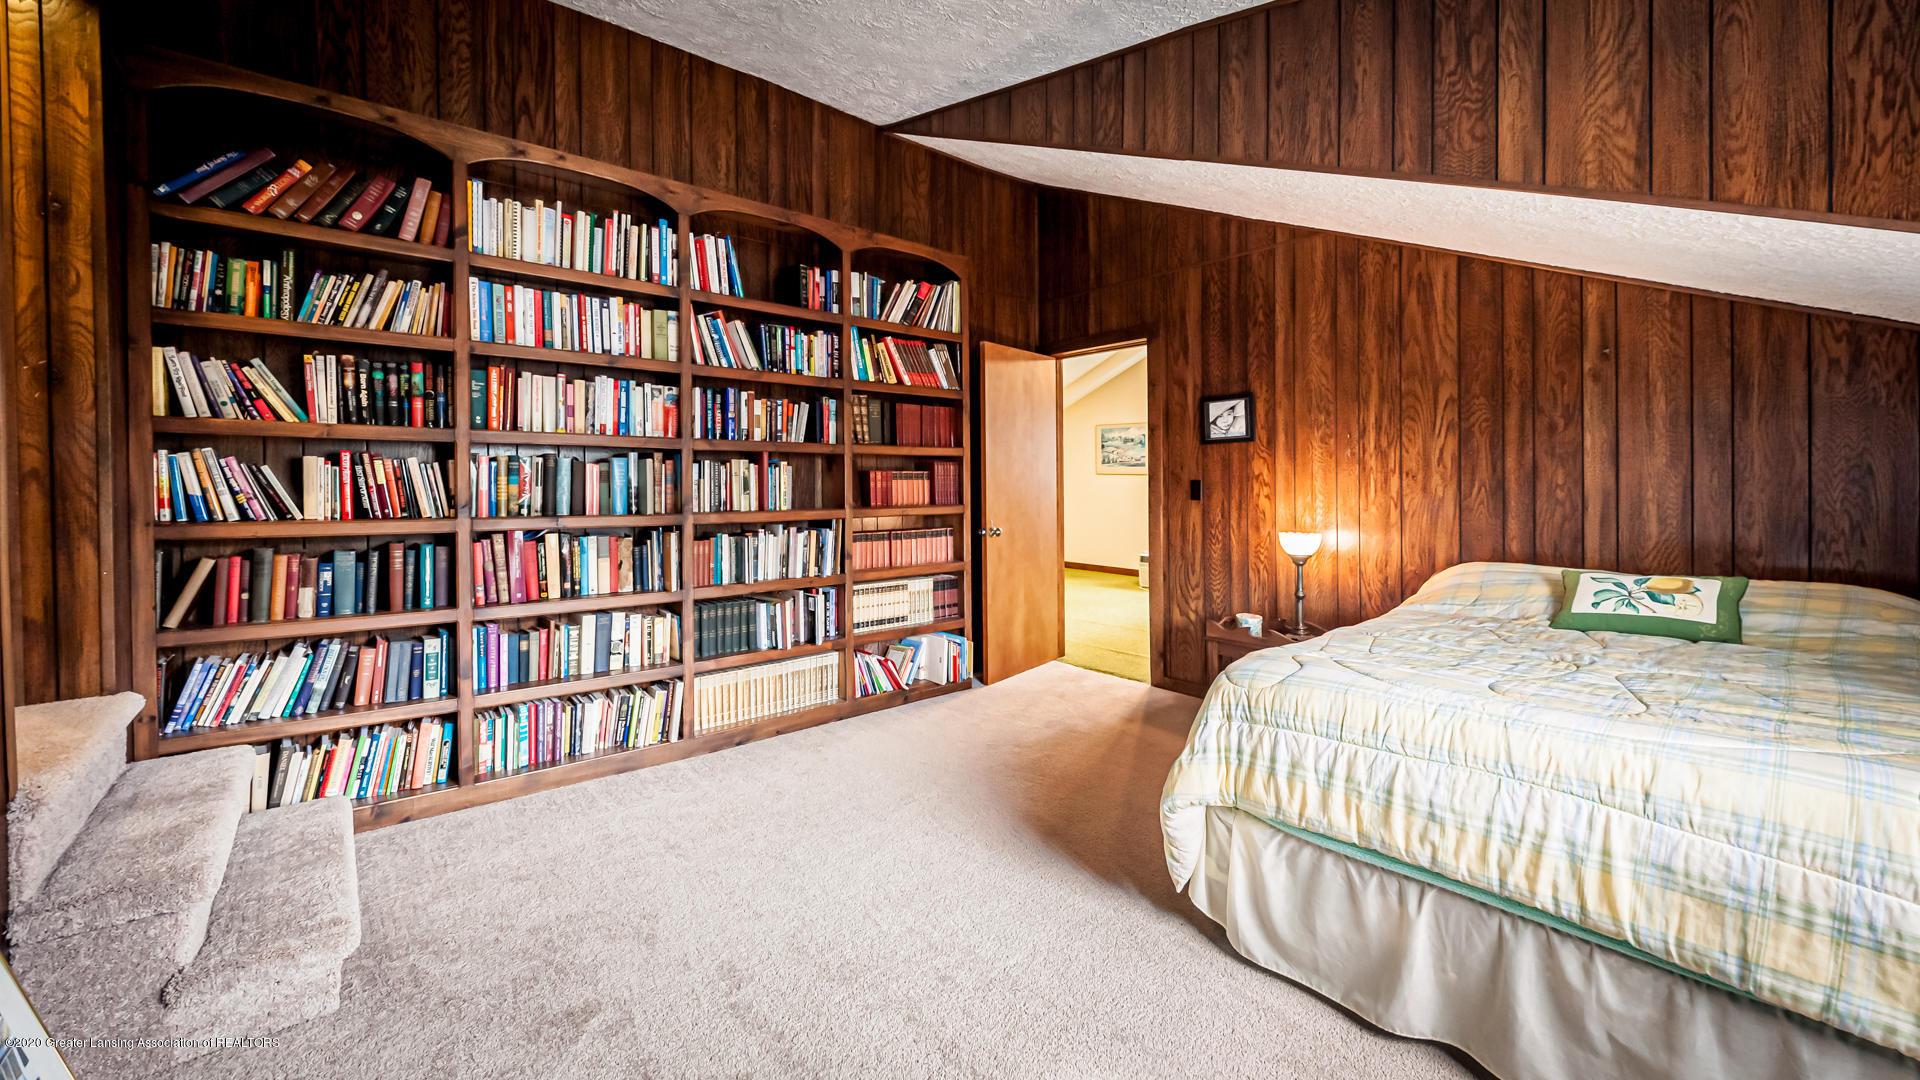 815 W Jefferson St - Bedroom - 22